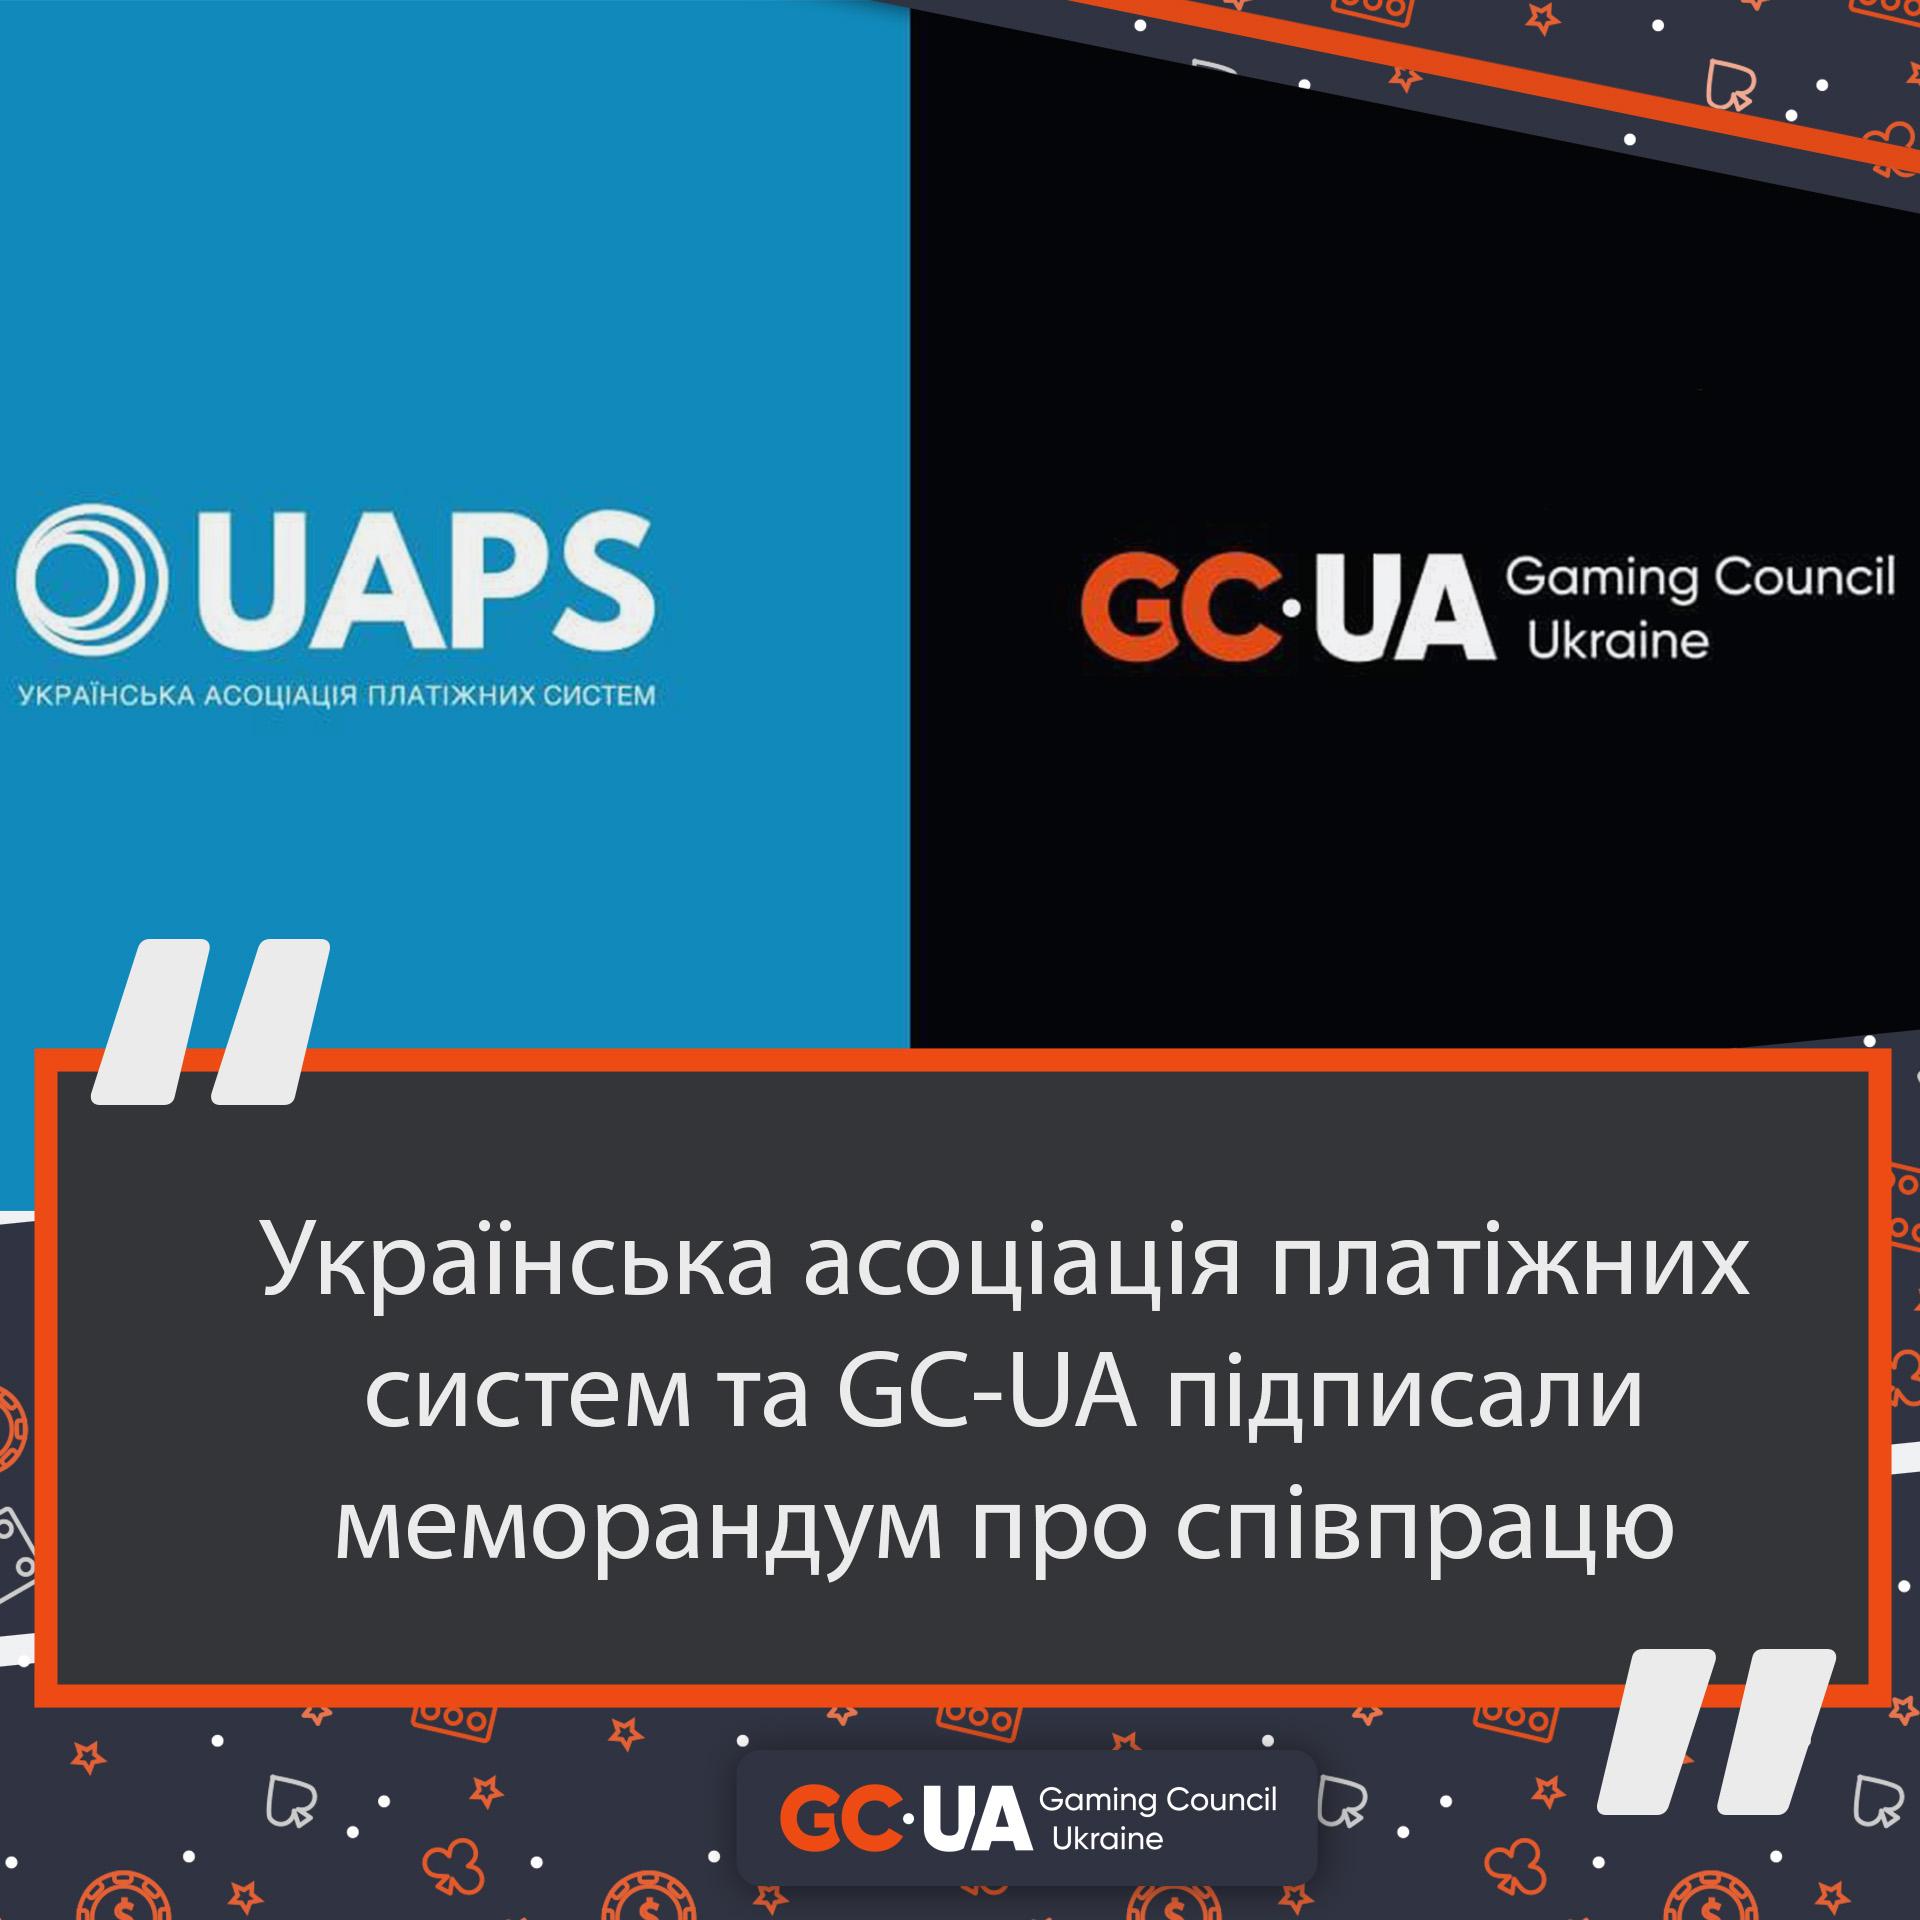 GC-UA та Українська асоціація платіжних систем підписали меморандум